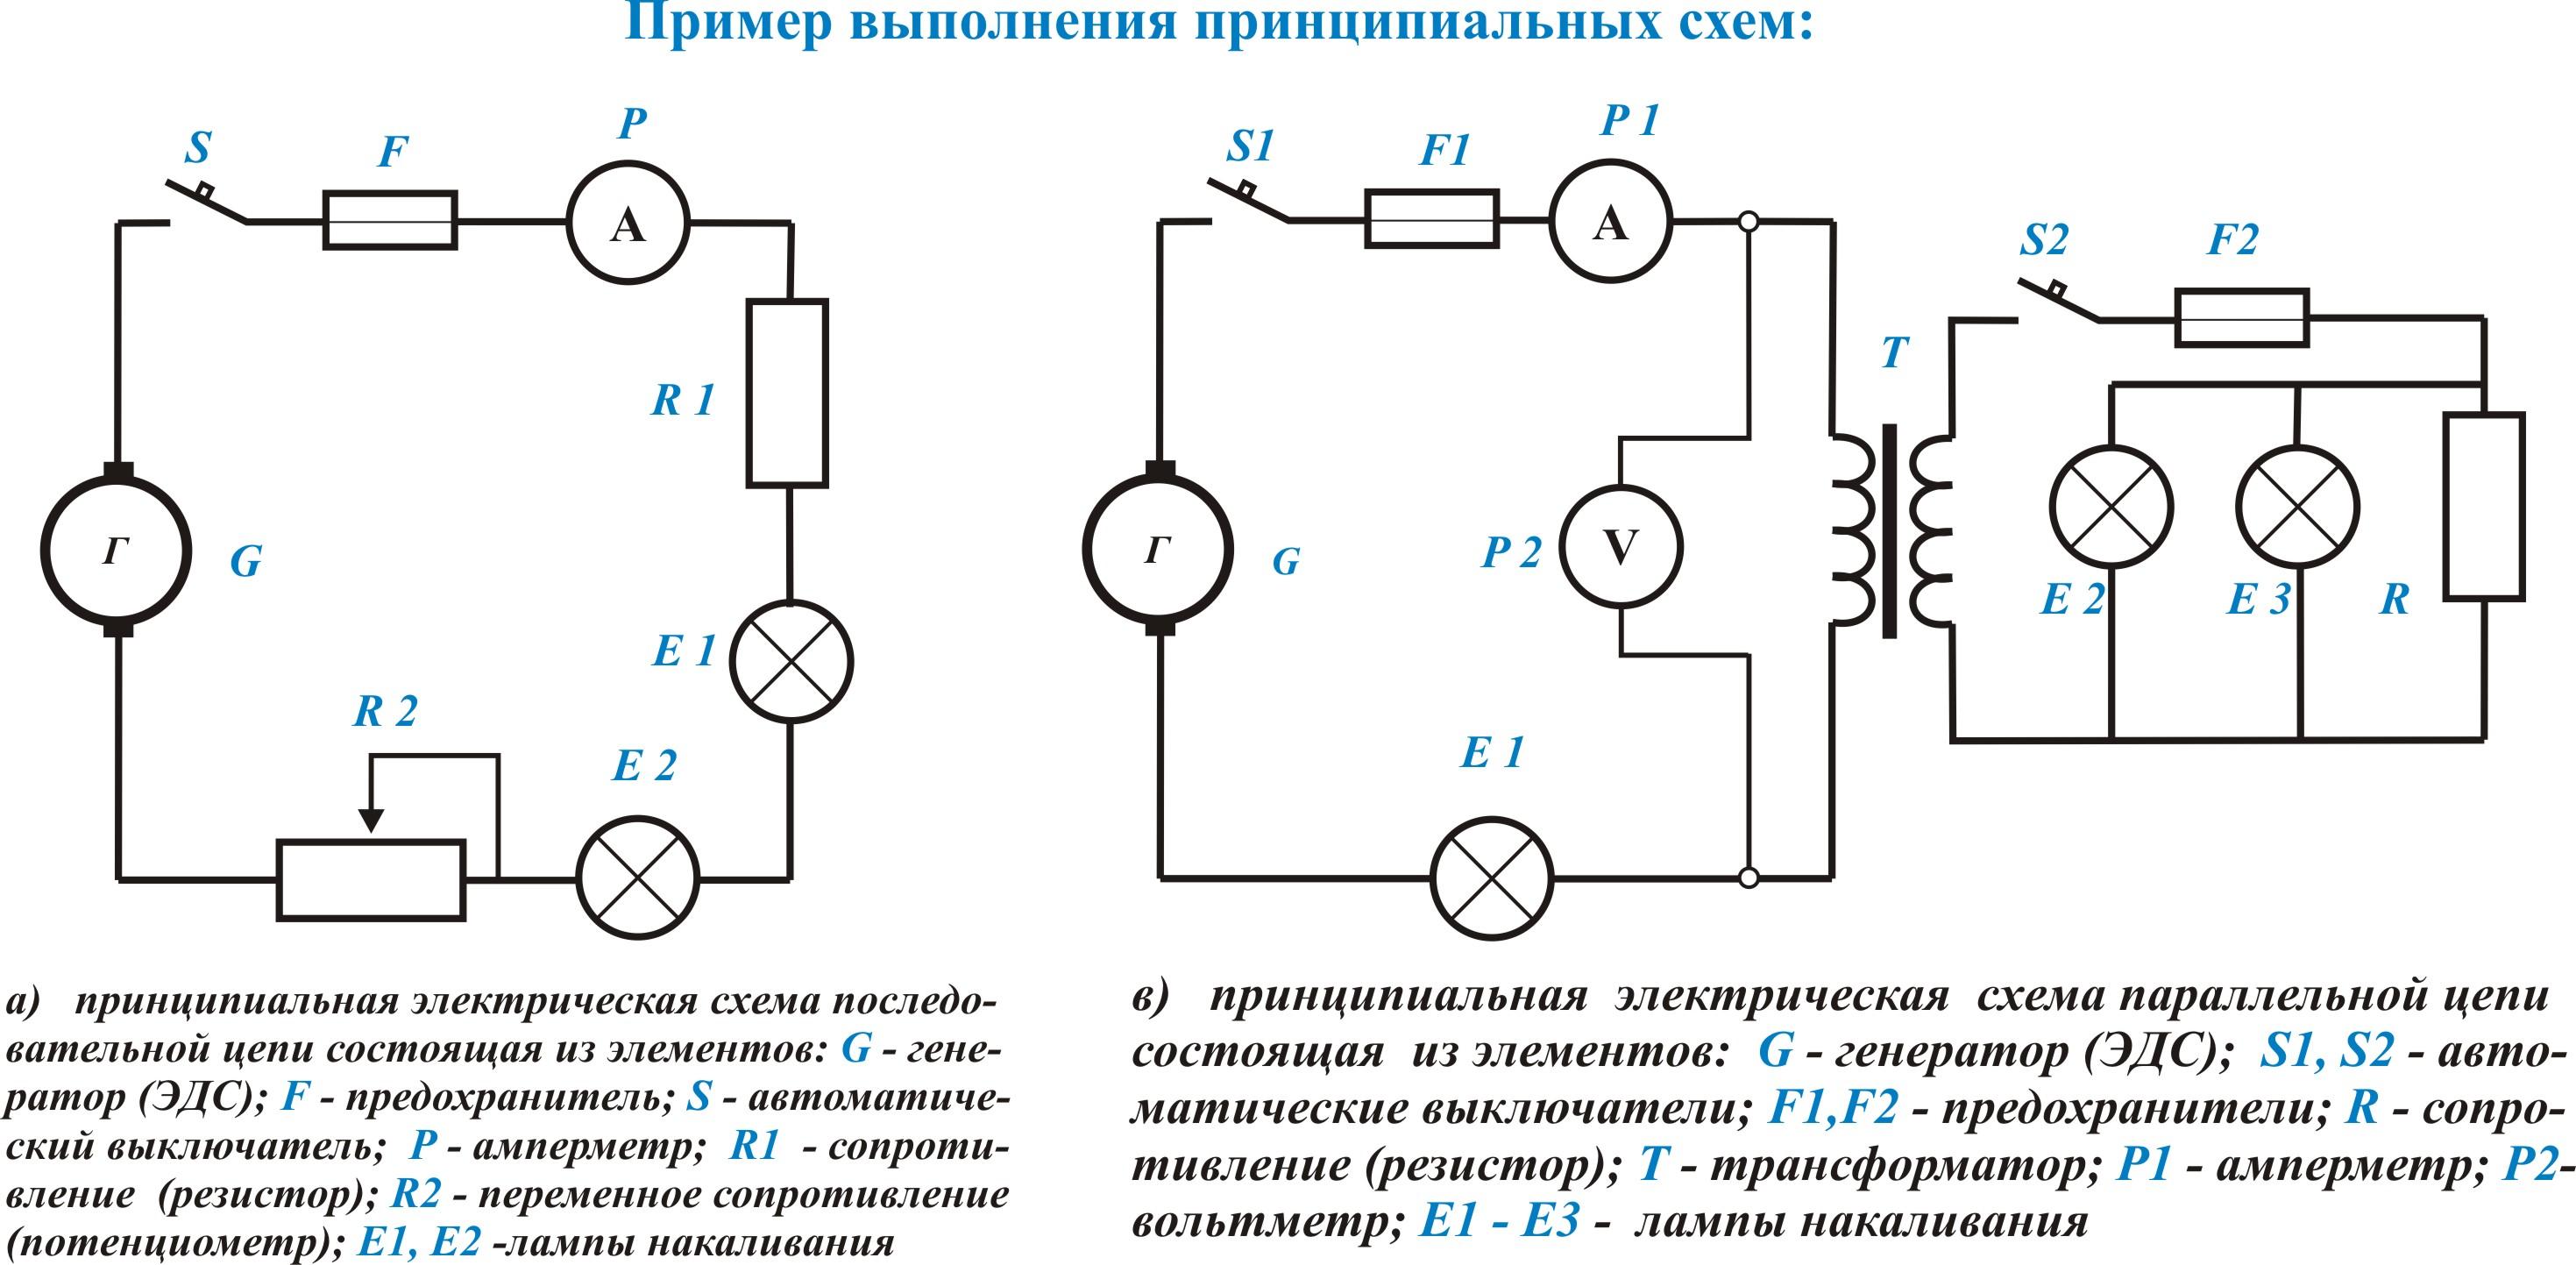 Элементы для принципиальных схем